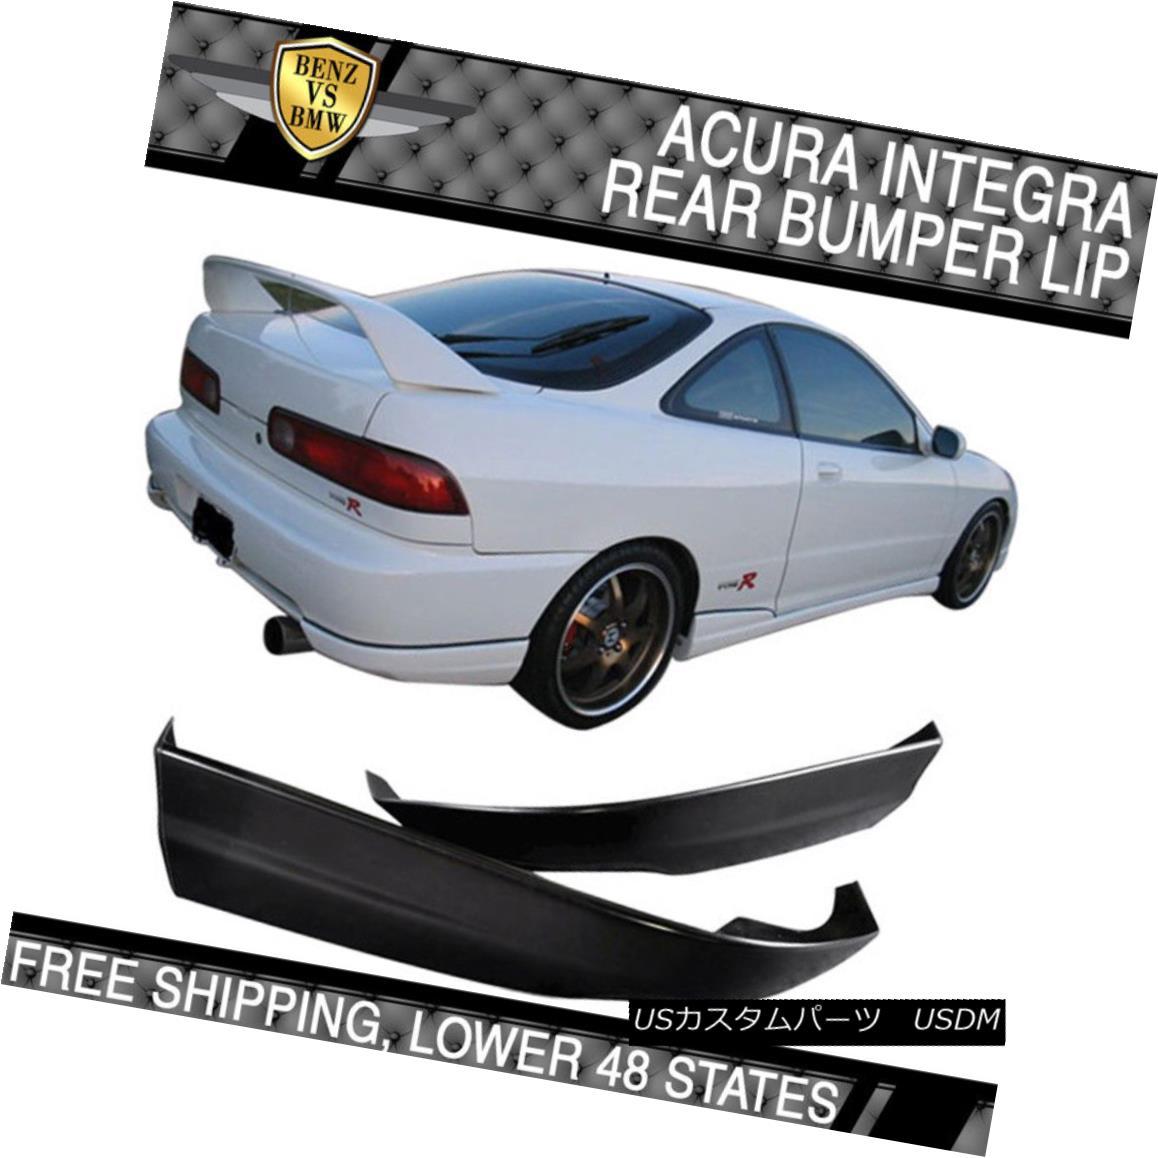 エアロパーツ Poly Urethane Rear Bumper Lip Spoiler Bodykit Fits 98-01 Acura Integra ポリウレタンリアバンパーリップスポイラーボディキットフィット98-01 Acura Integra